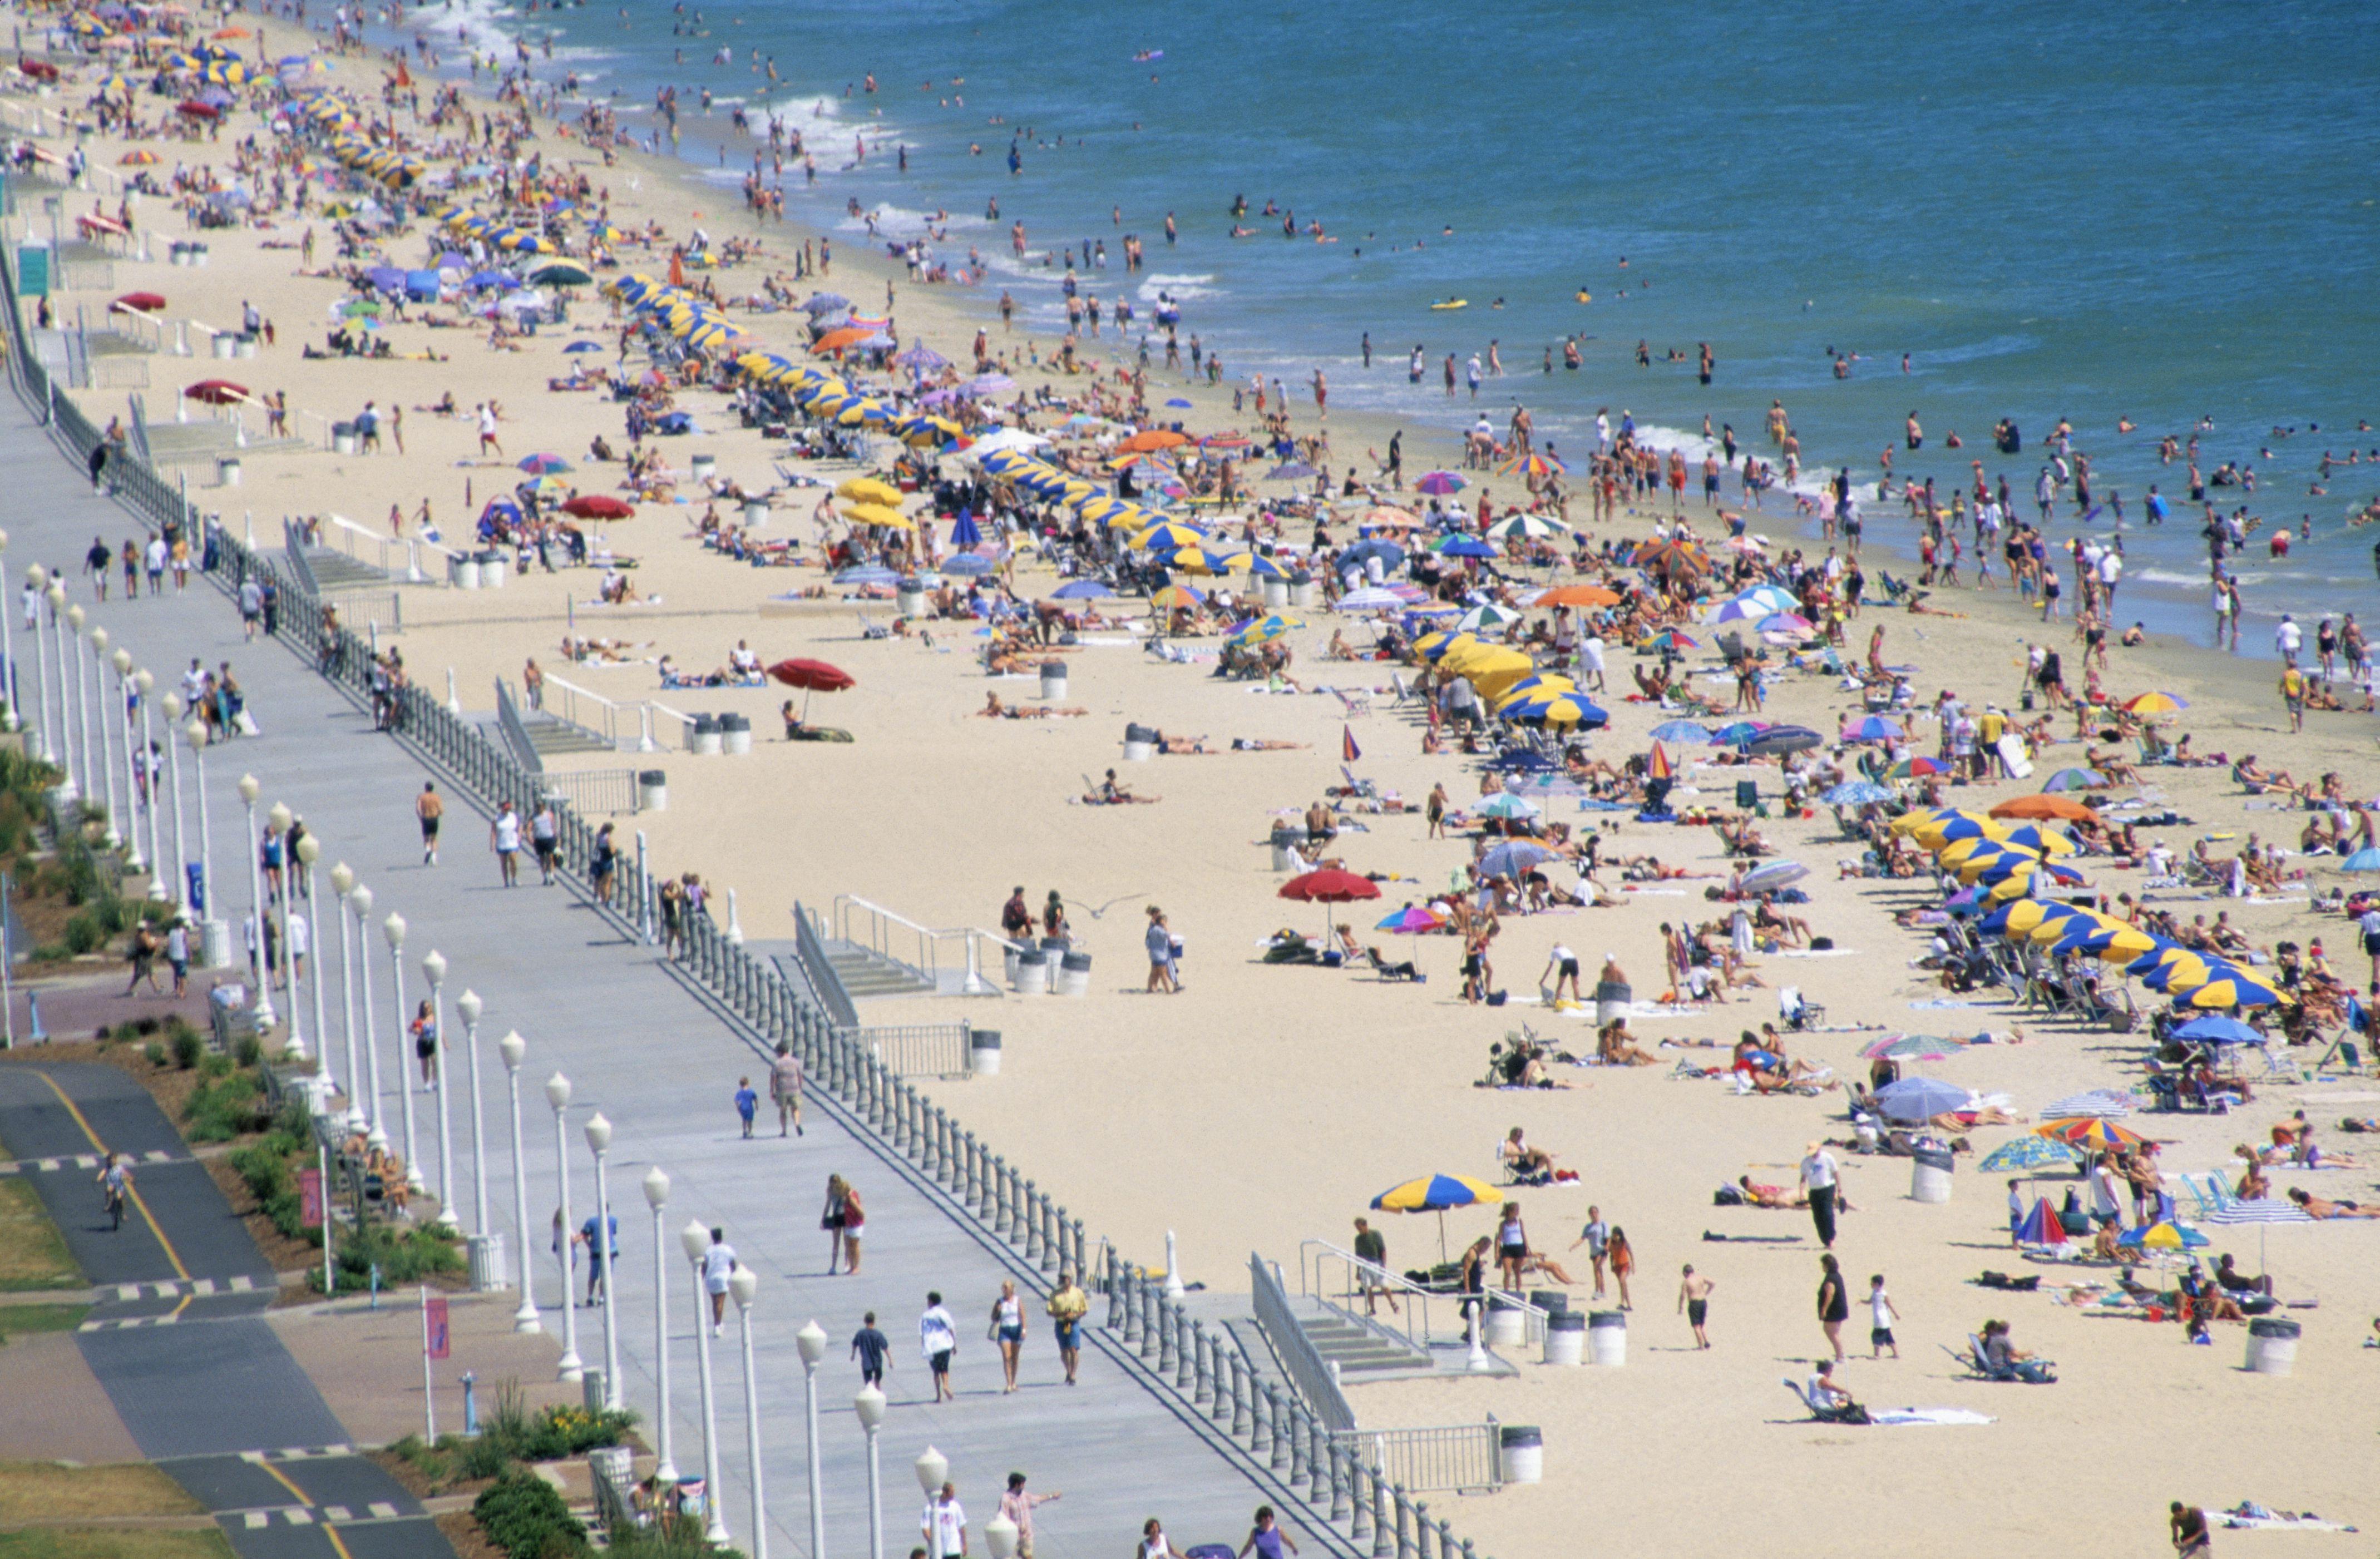 Gente descansando en la playa de Virginia